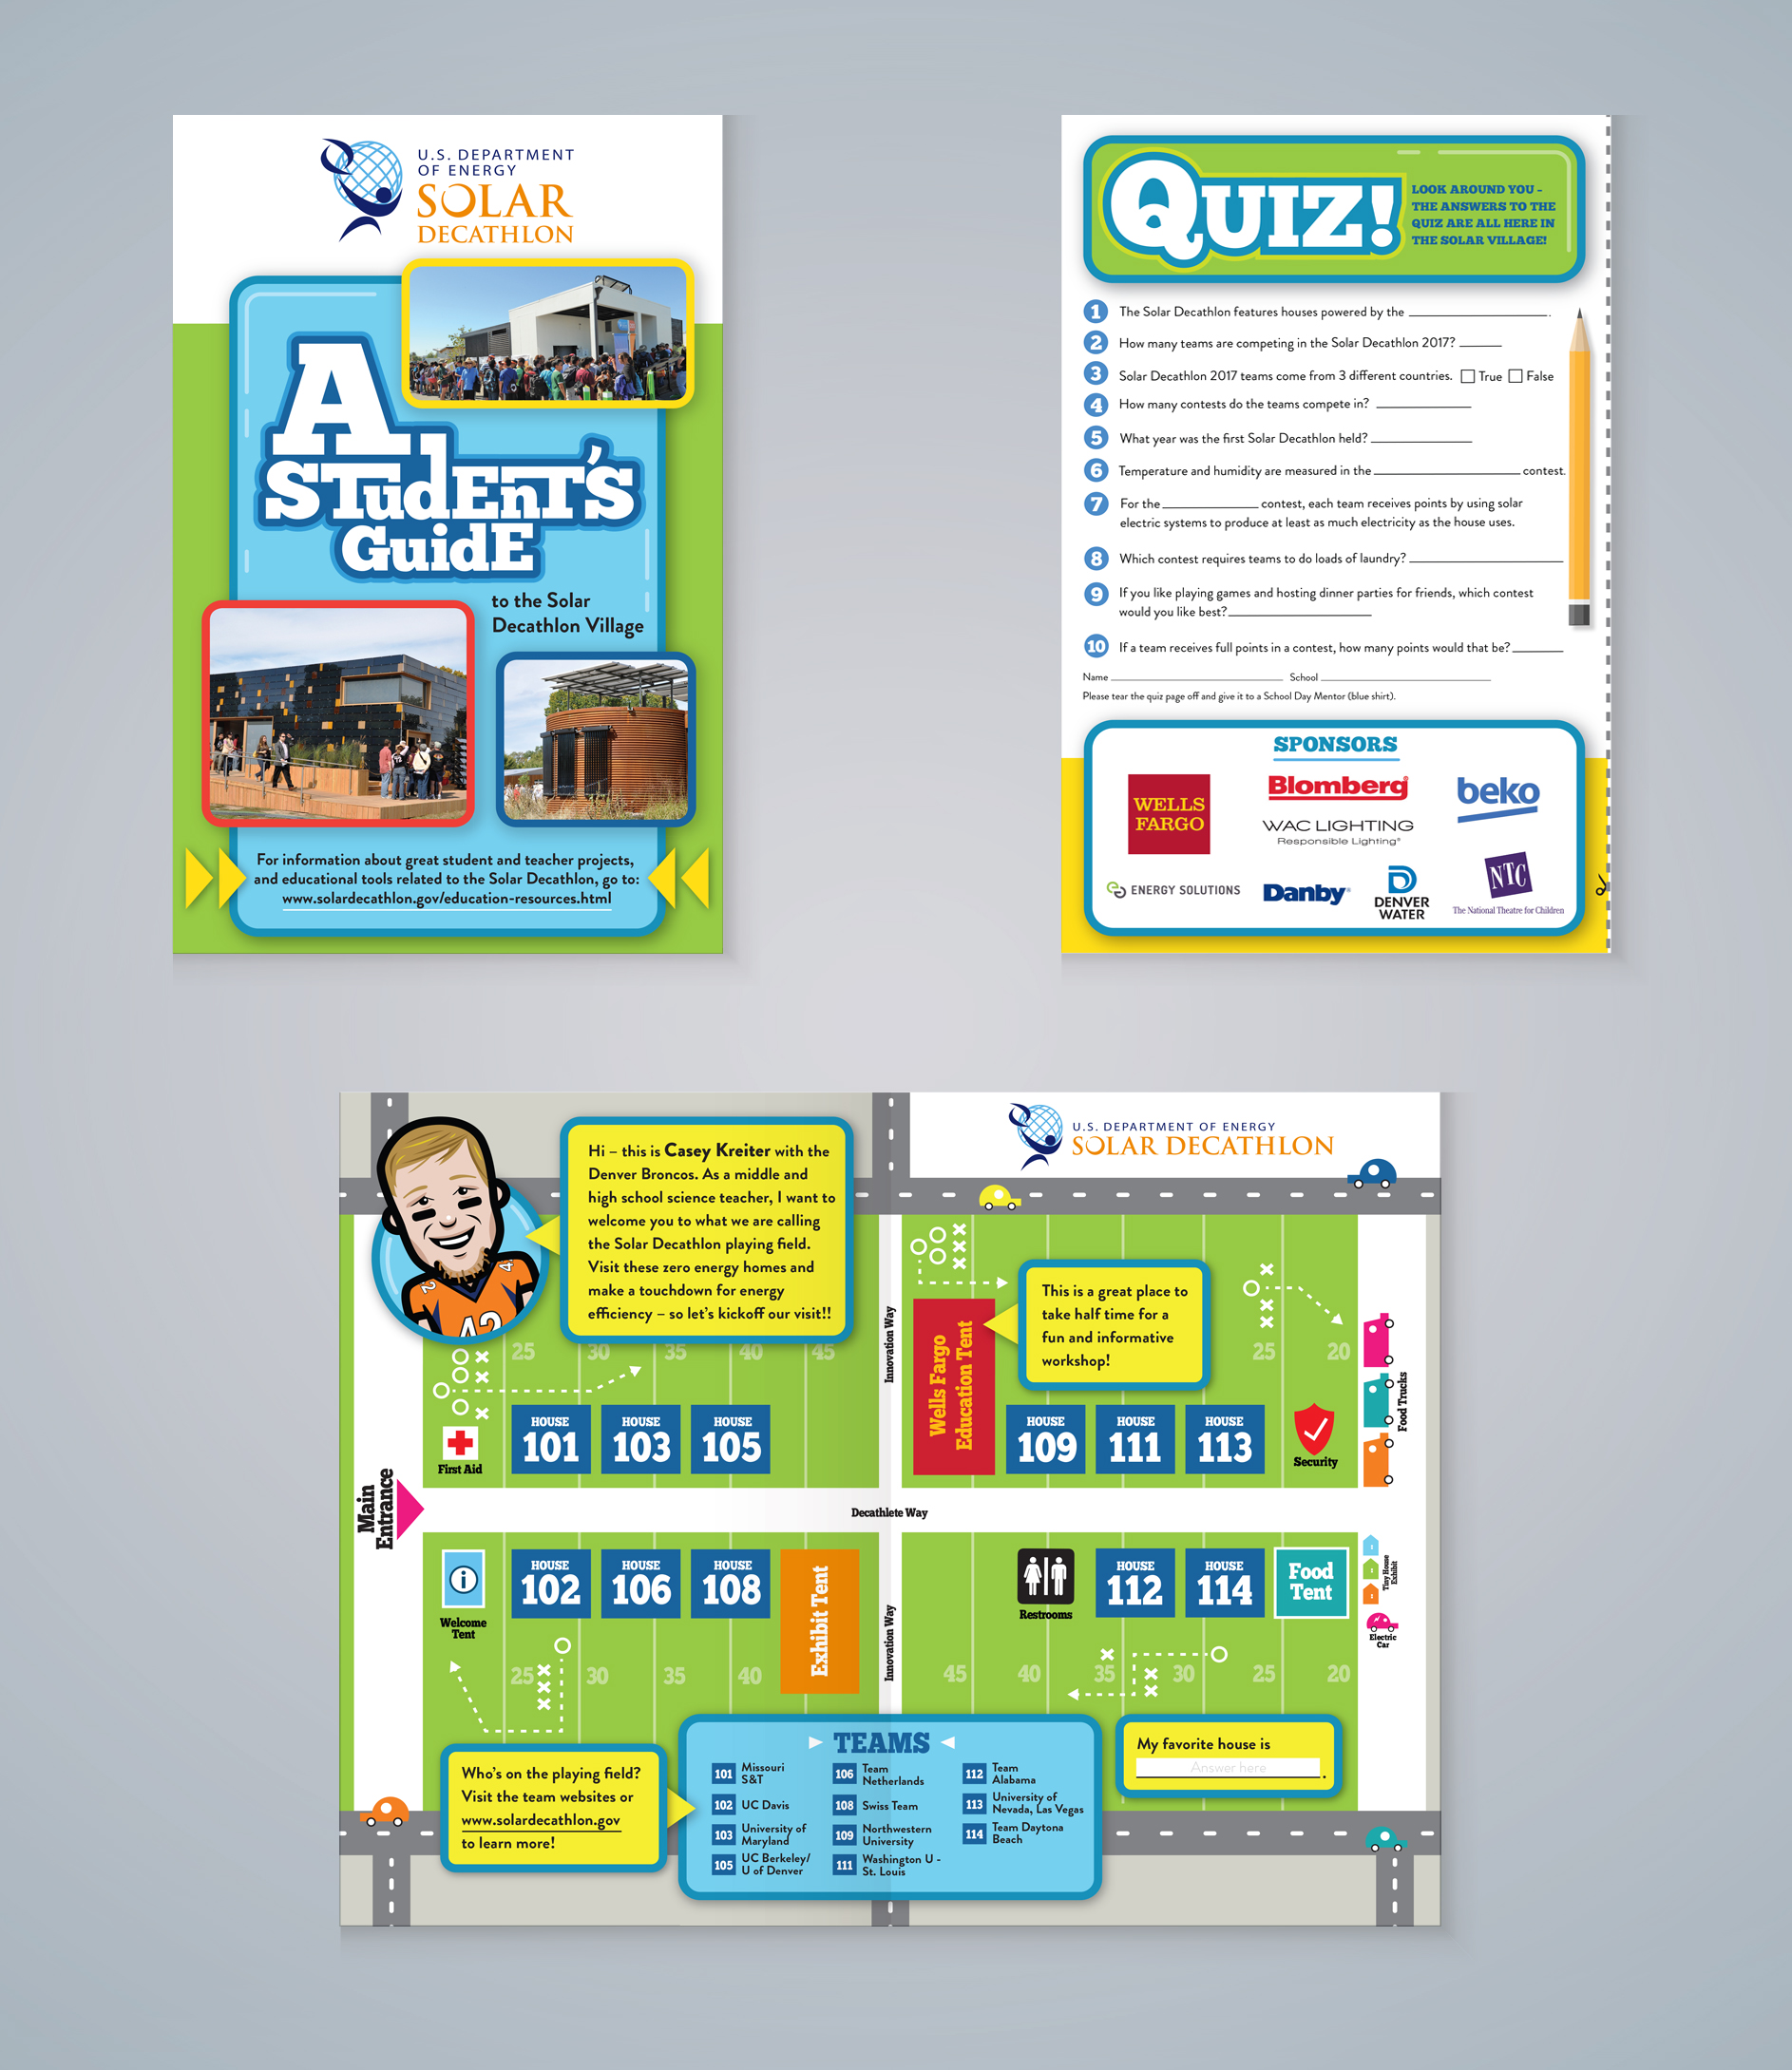 SD_Student_Guide_Mockup.jpg